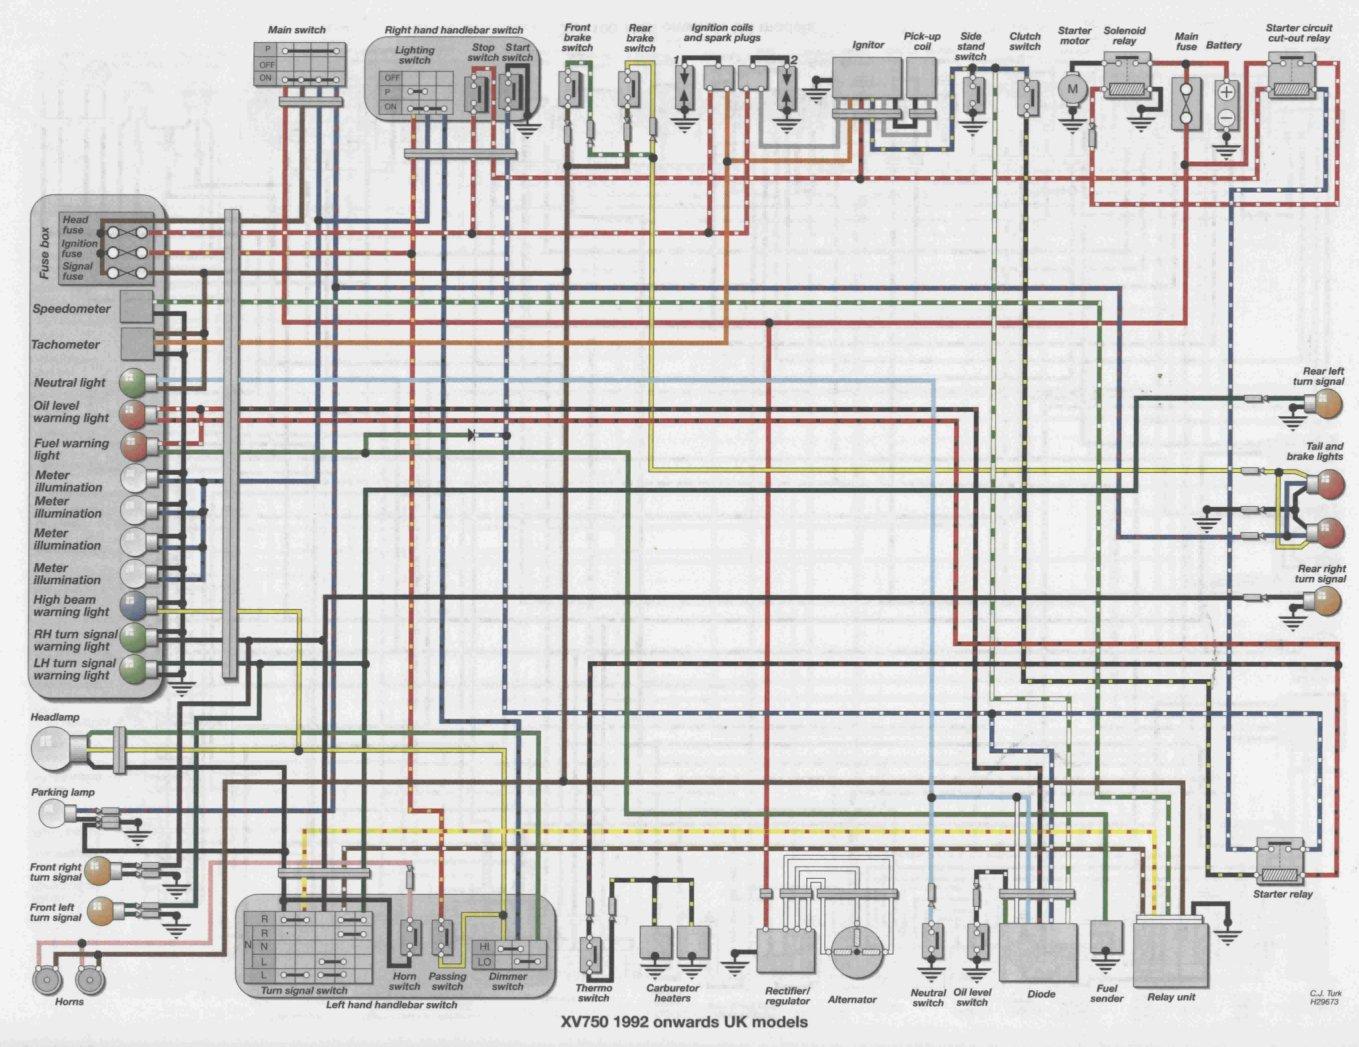 96 Honda Cbr 600 Wiring Diagram 05 Cbr600rr